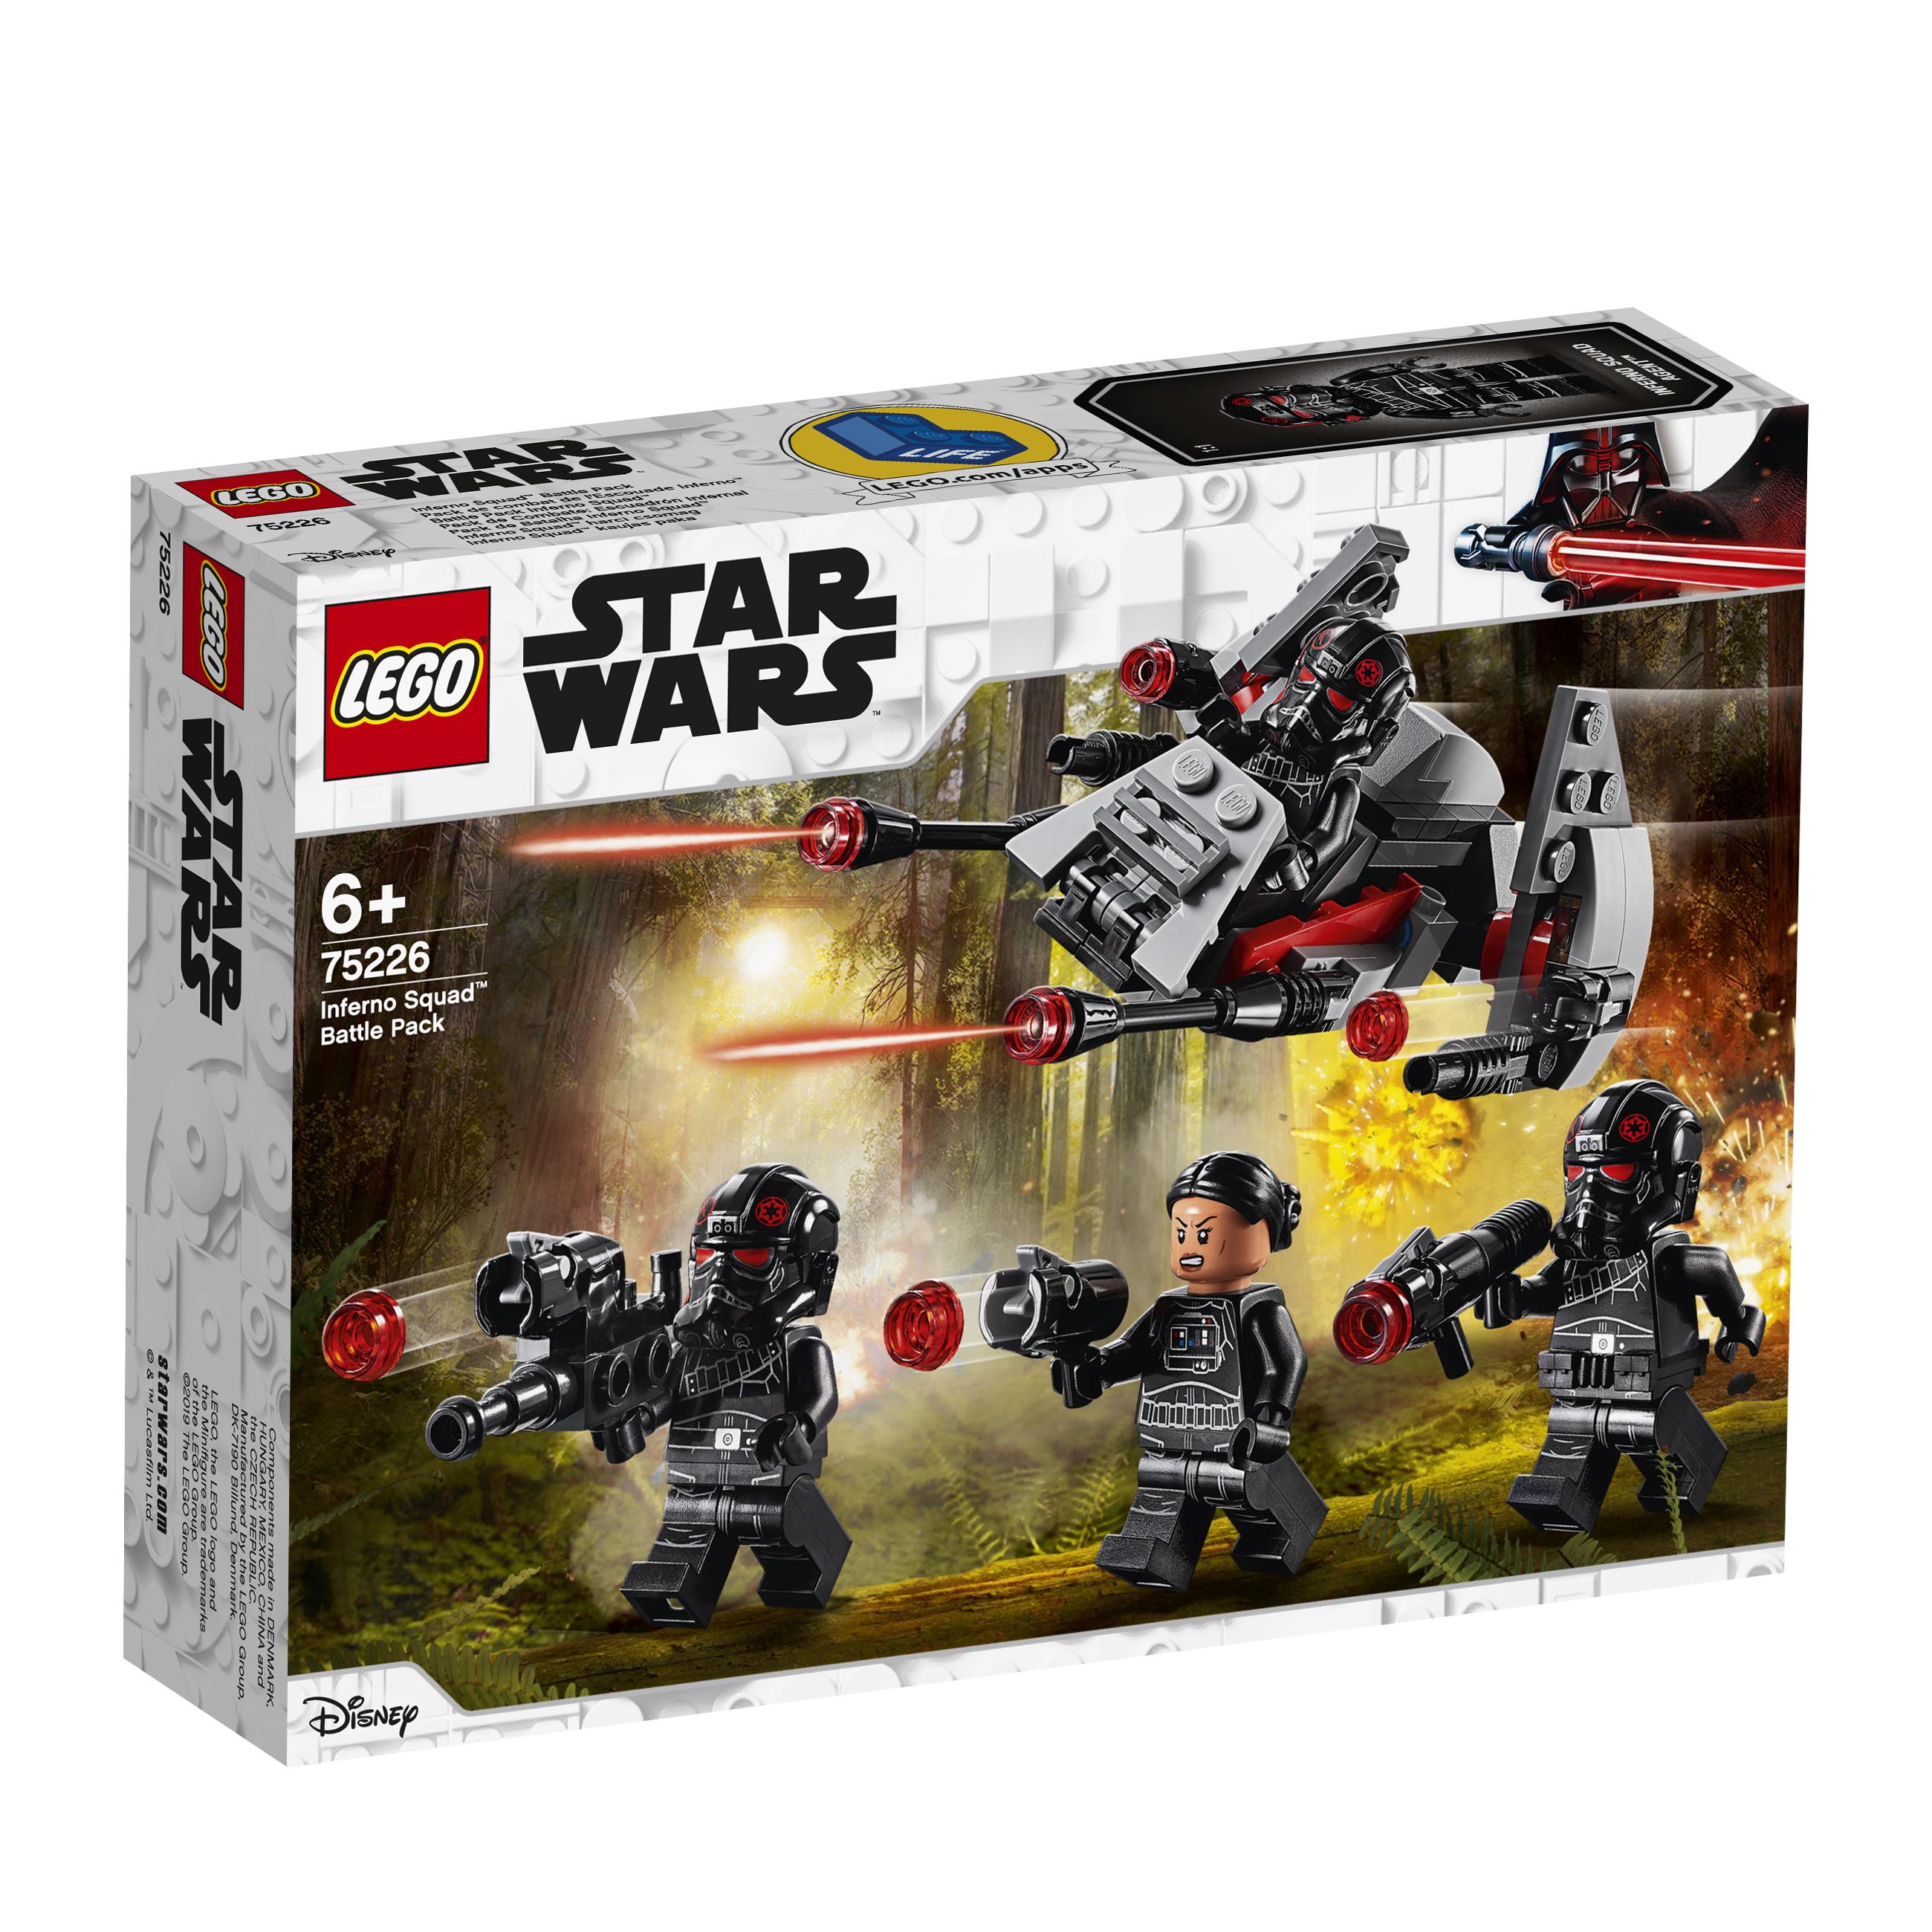 Конструктор LEGO Star Wars 75226 Боевой набор отряда «Инферно» цена